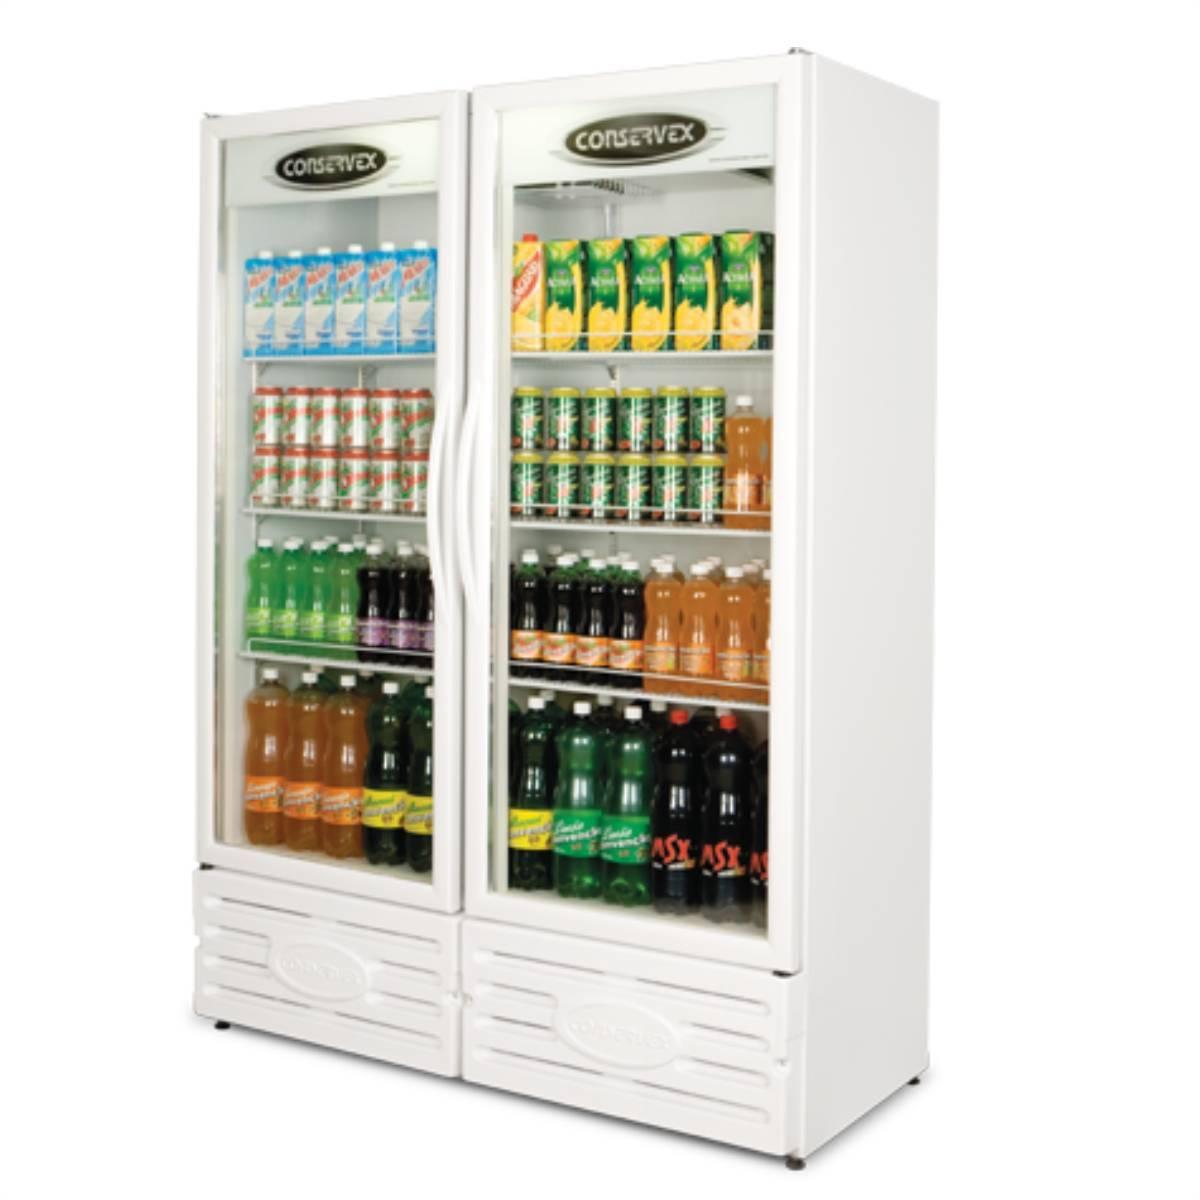 Expositor Refrigerado Vertical 2 Portas ERV-850 Conservex  - Magazine do Chef